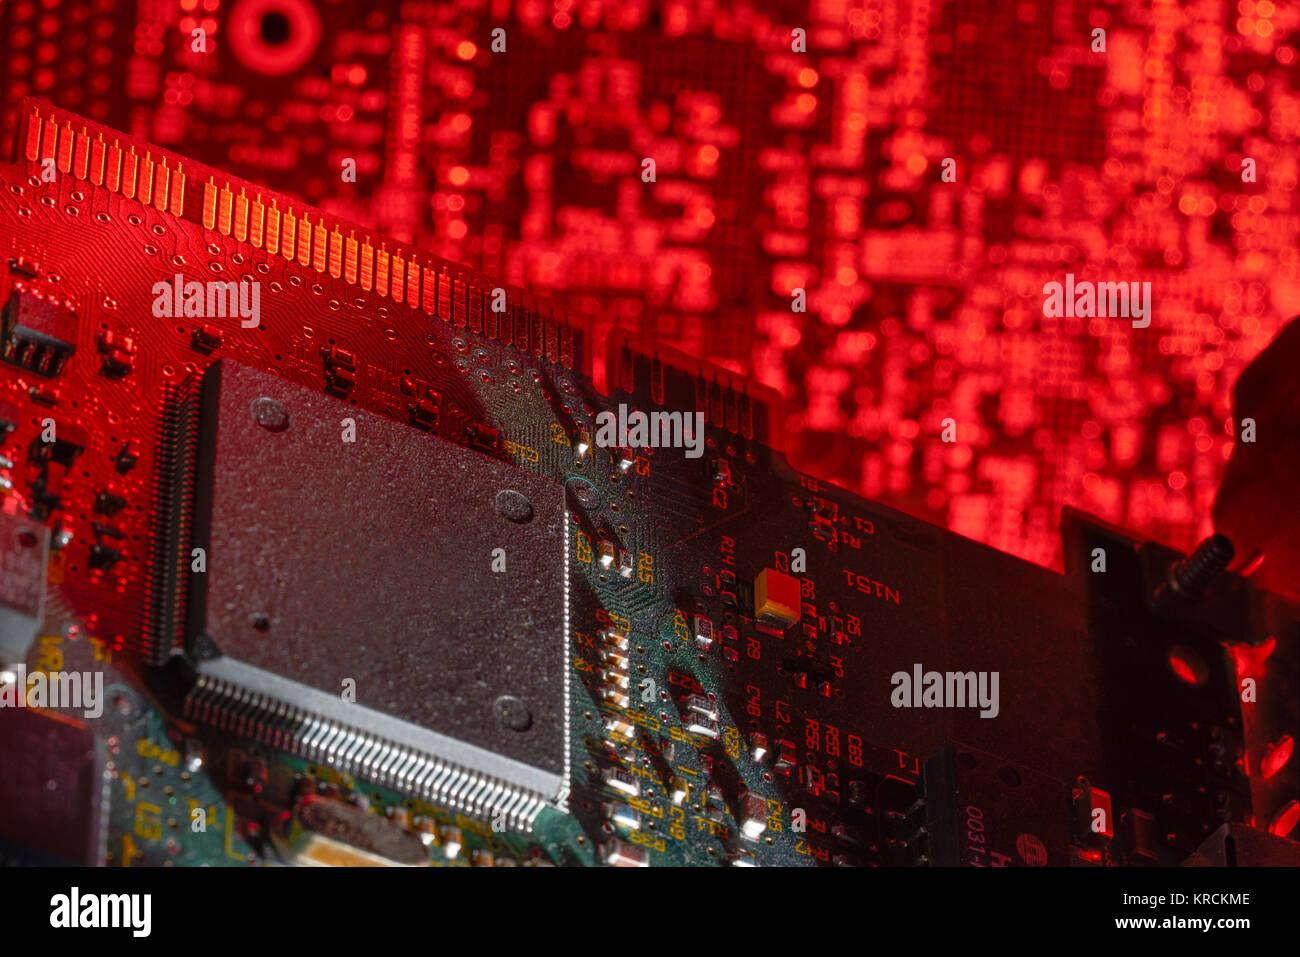 La memoria del equipo closeup Foto de stock